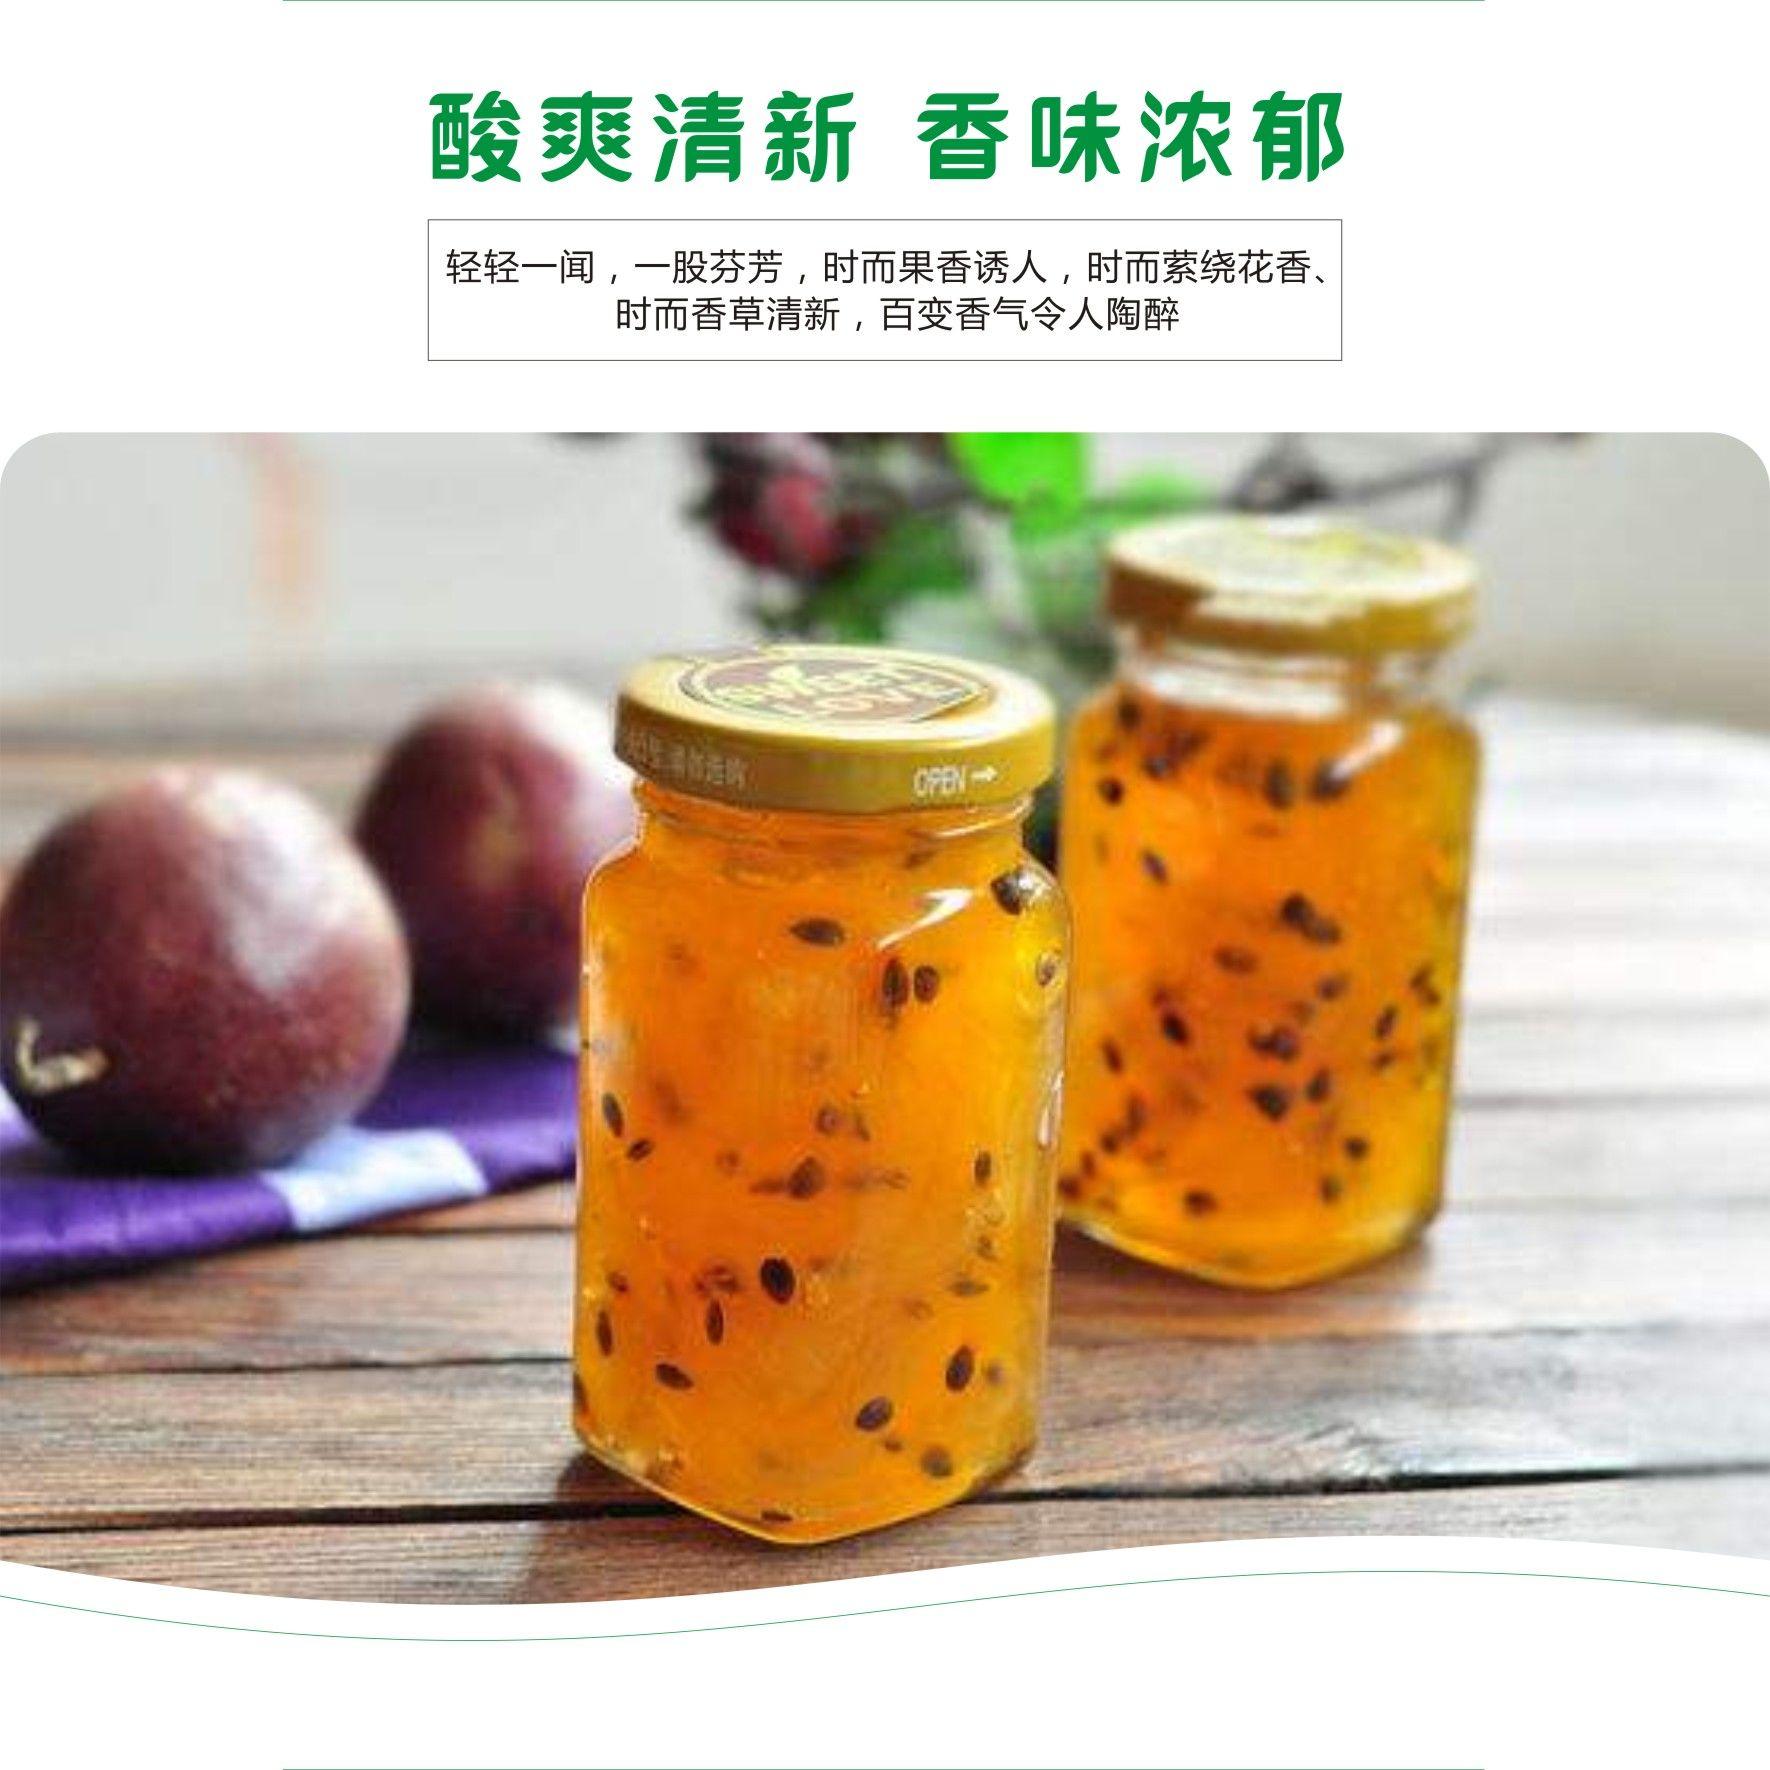 【买4送1】百香果5斤3/2/1斤热带水果新鲜百香果批发现摘精选大果_5